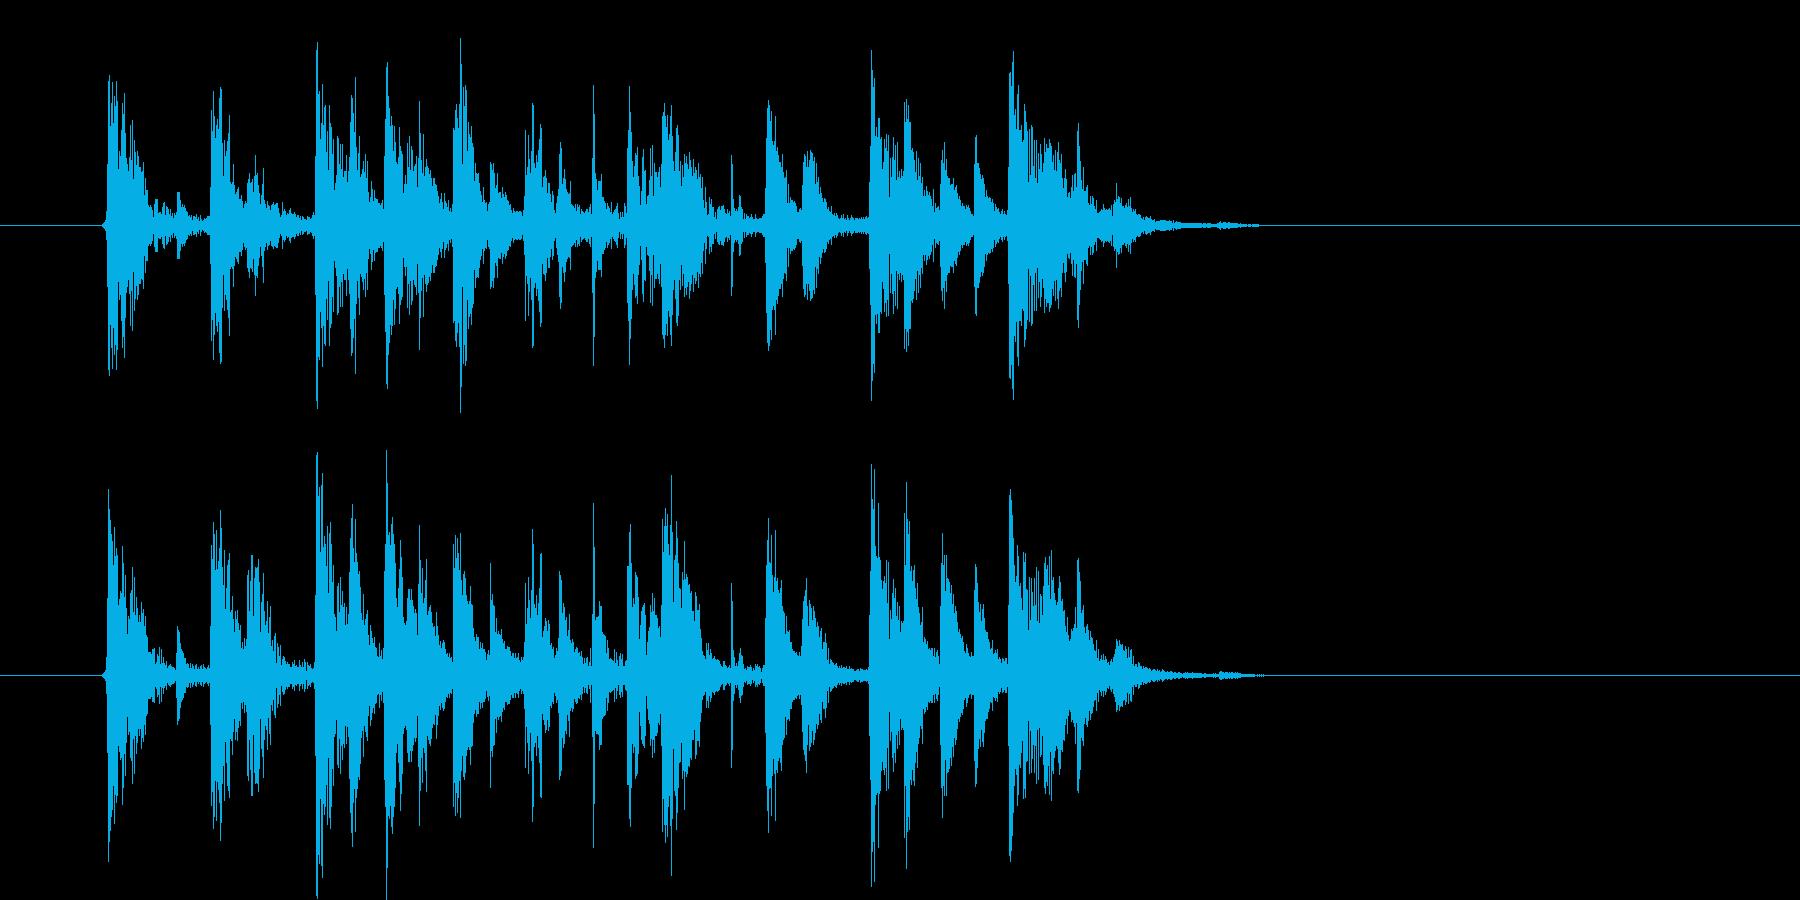 浮遊感があるポップなエレクトロニカの再生済みの波形